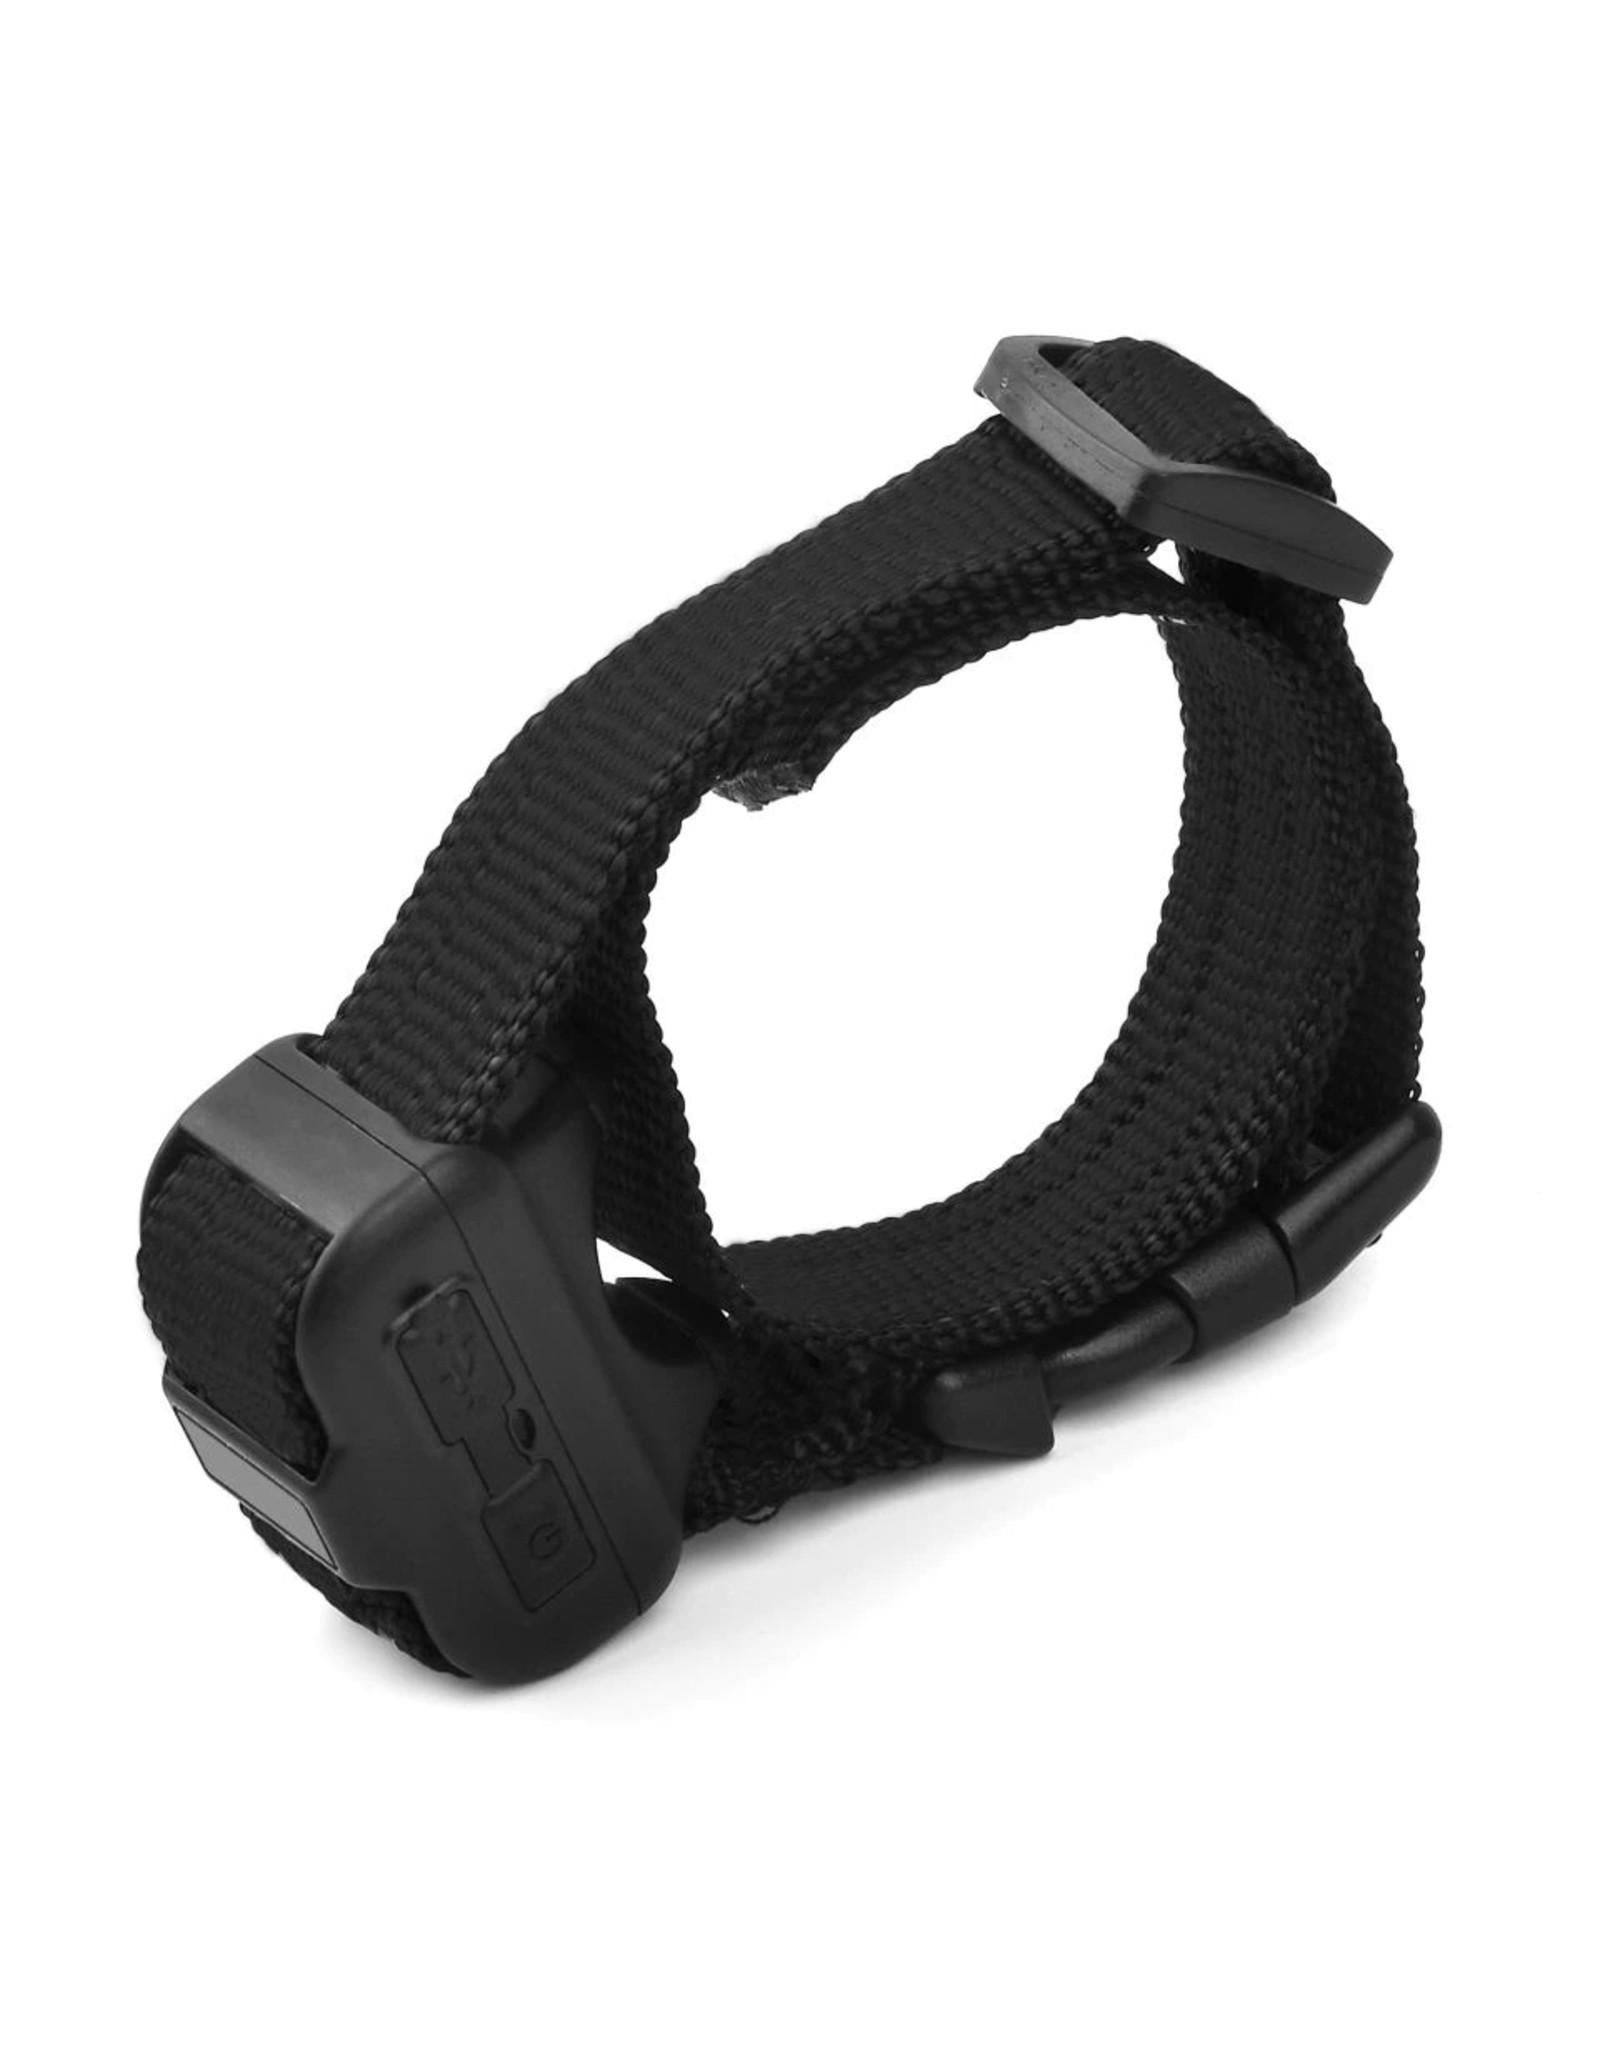 Kleine hond anti blafhalsband - oplaadbare hondentraining elektrische halsband - geen blafcontrole voor puppy hond met schokmodus